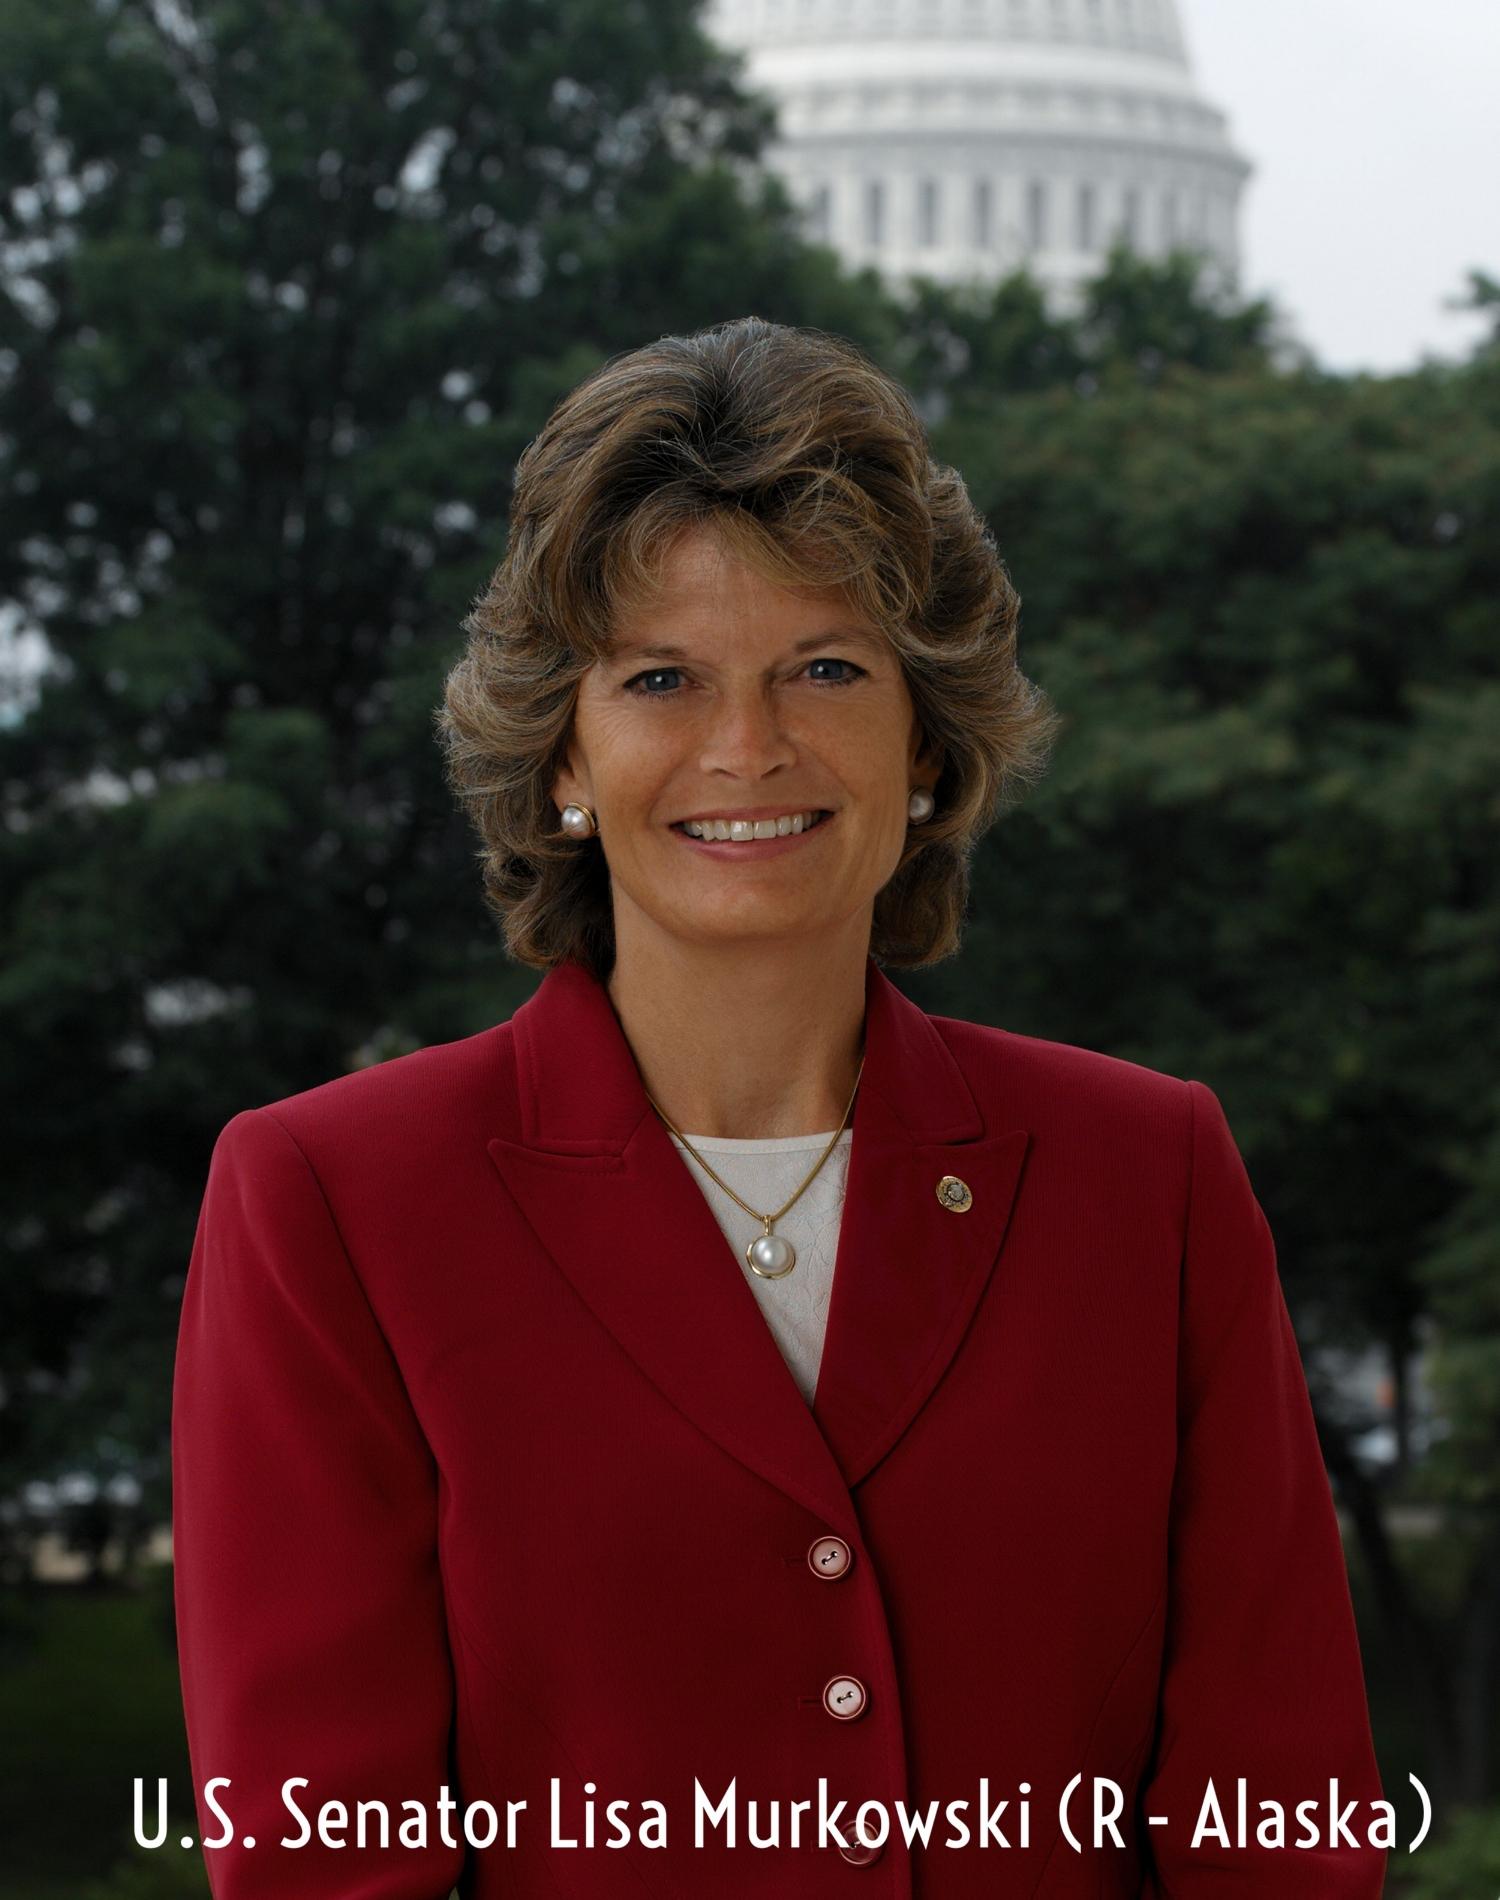 U.S. SENATOR LISA MURKOWSKI (R - ALASKA)